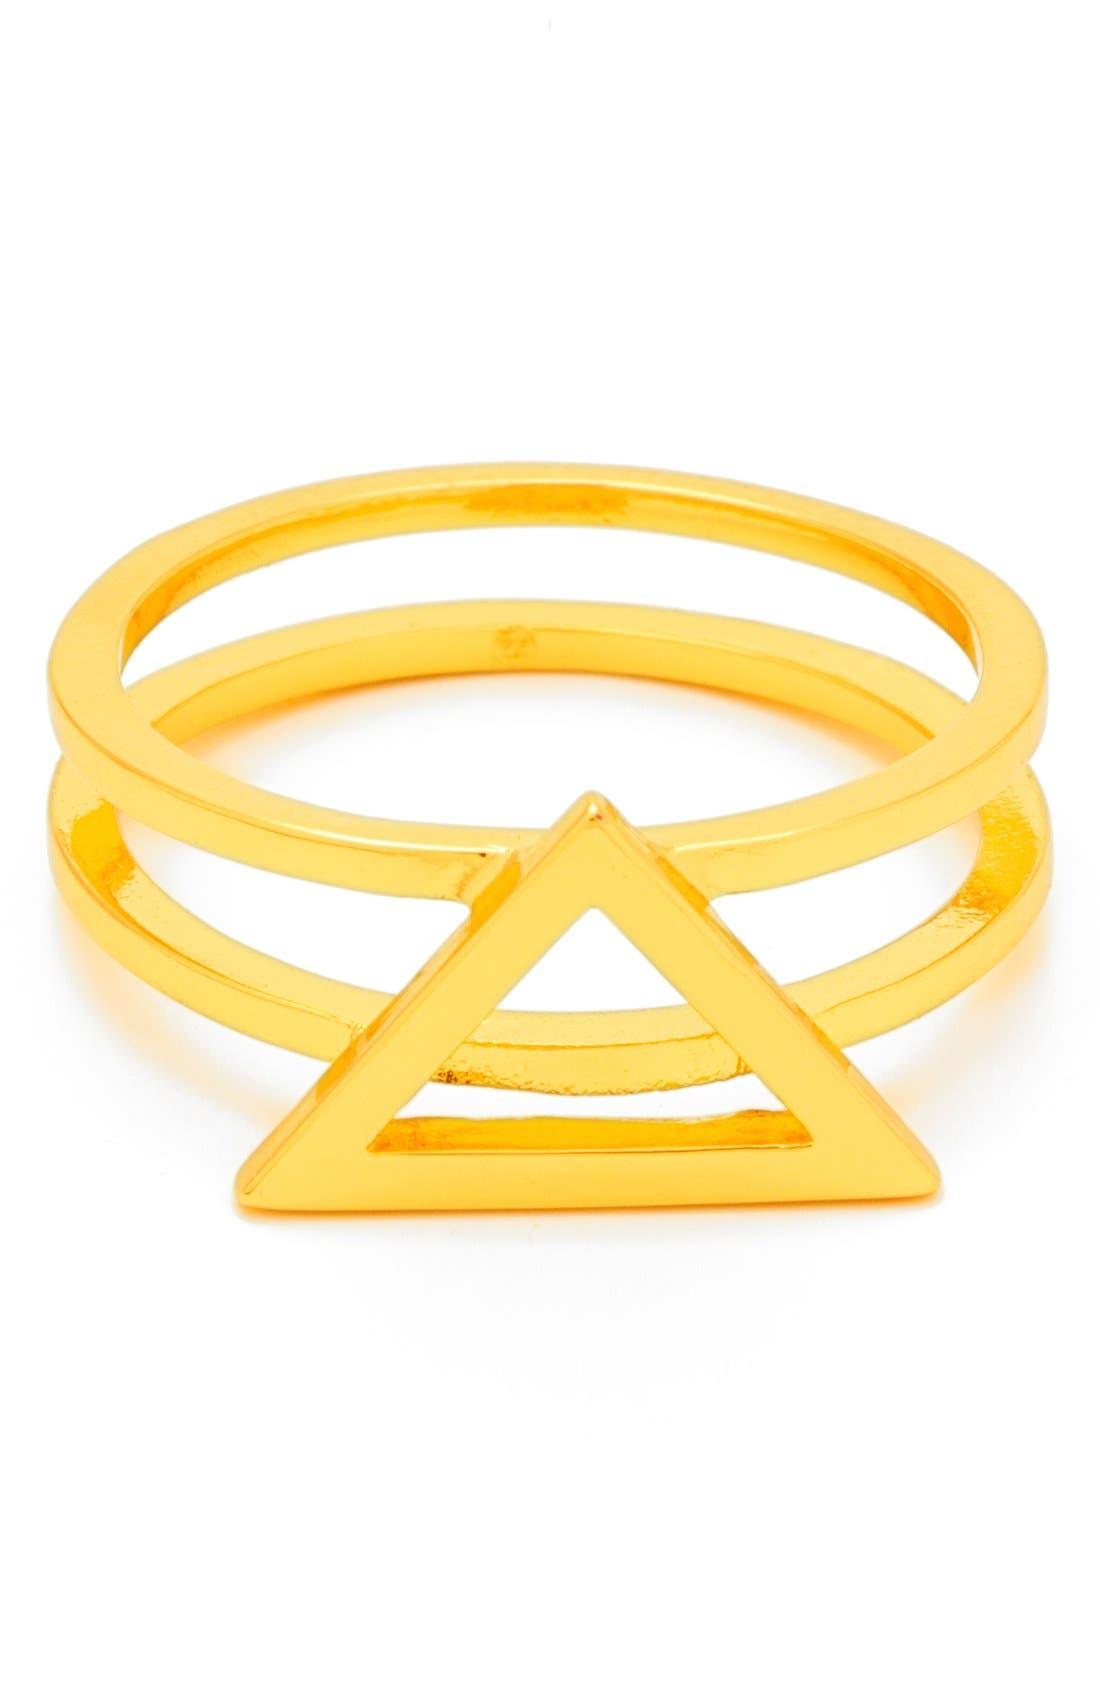 Main Image - gorjana 'Anya' Openwork Triangle Ring